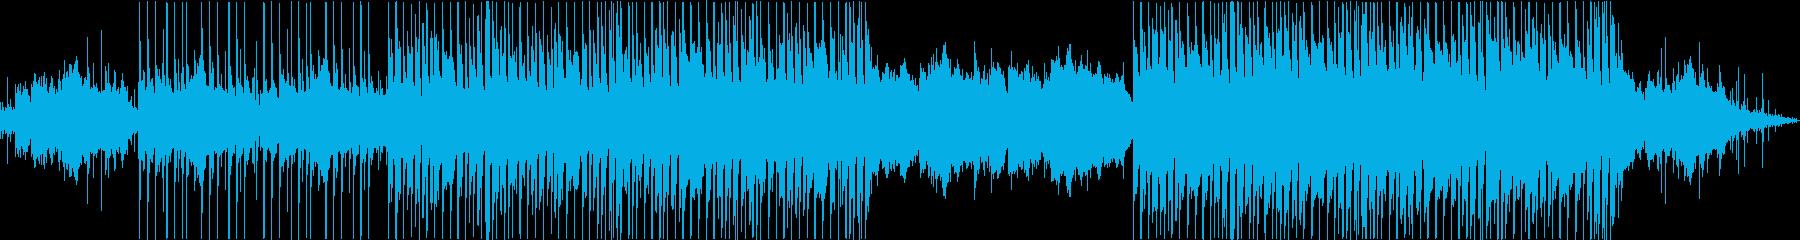 大人でチル・優しいLoFiなエレクトロの再生済みの波形